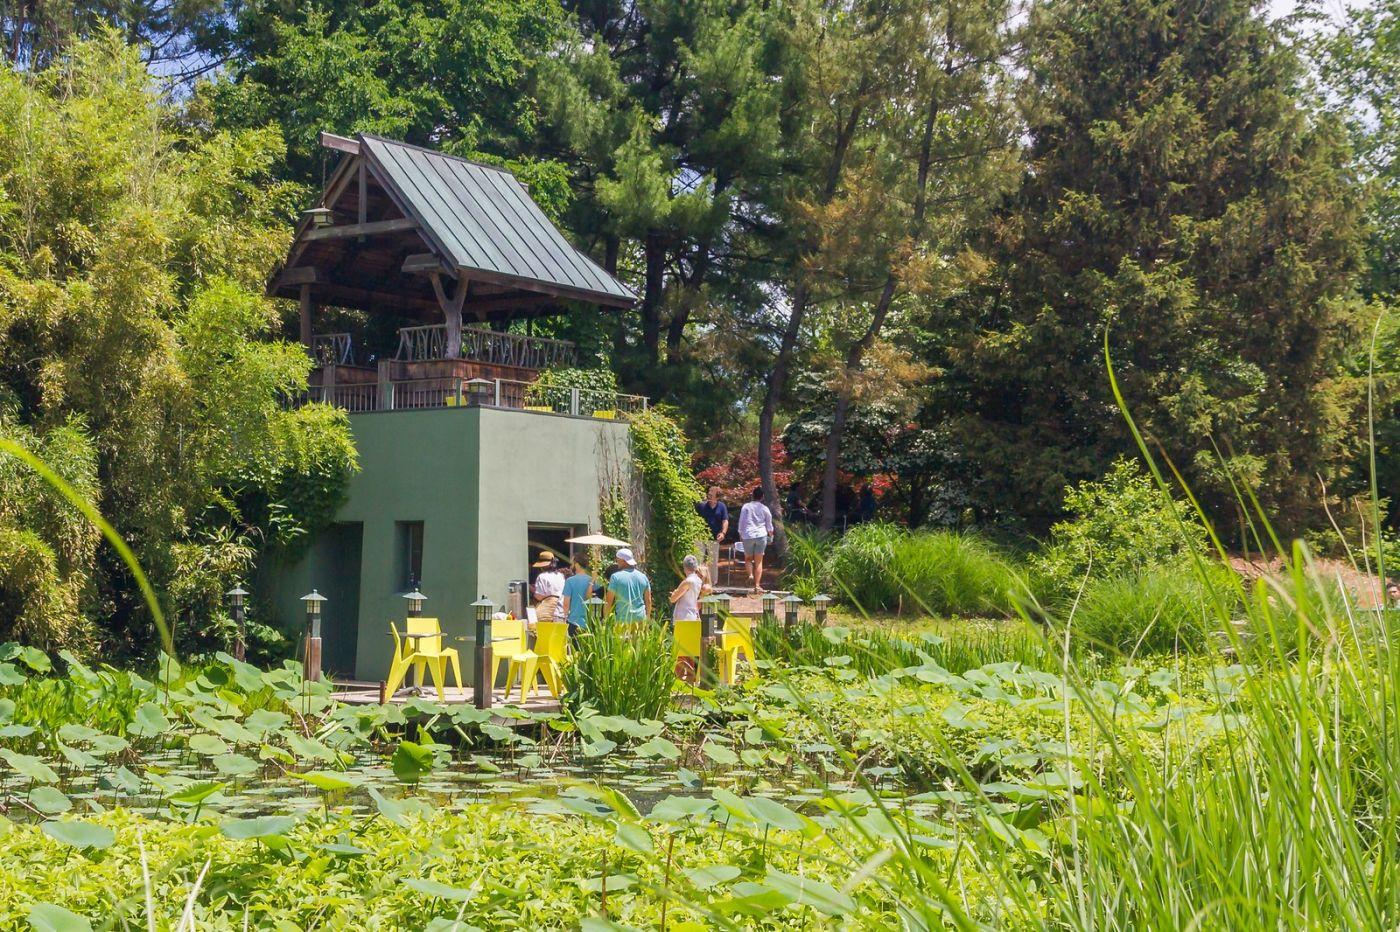 新澤西州雕塑公園(Grounds for scuplture),題材很廣_圖1-27